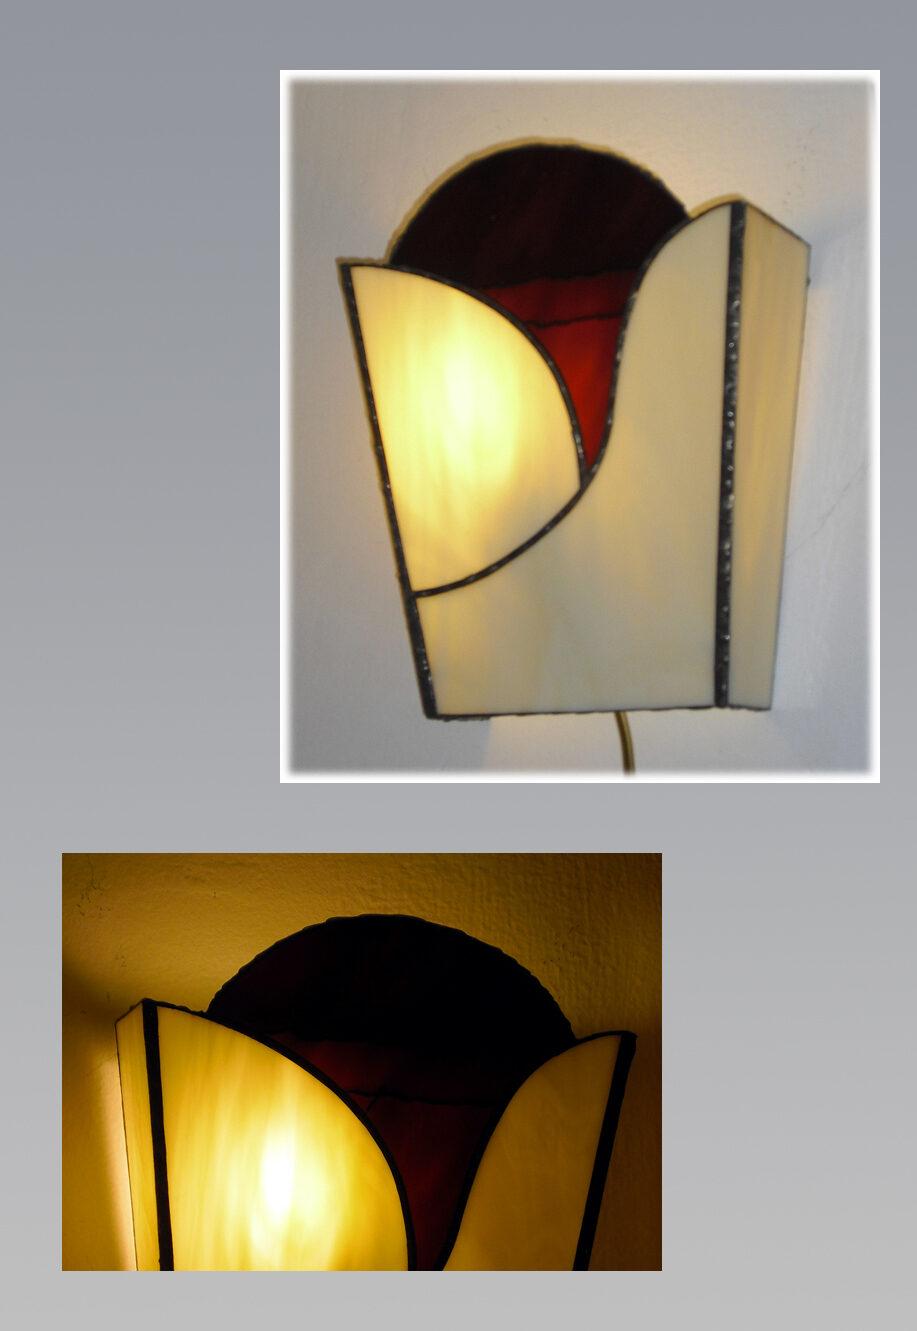 מנורת טיפאני קיר, מנורת ויטראז צמודה לקיר פרח סגול